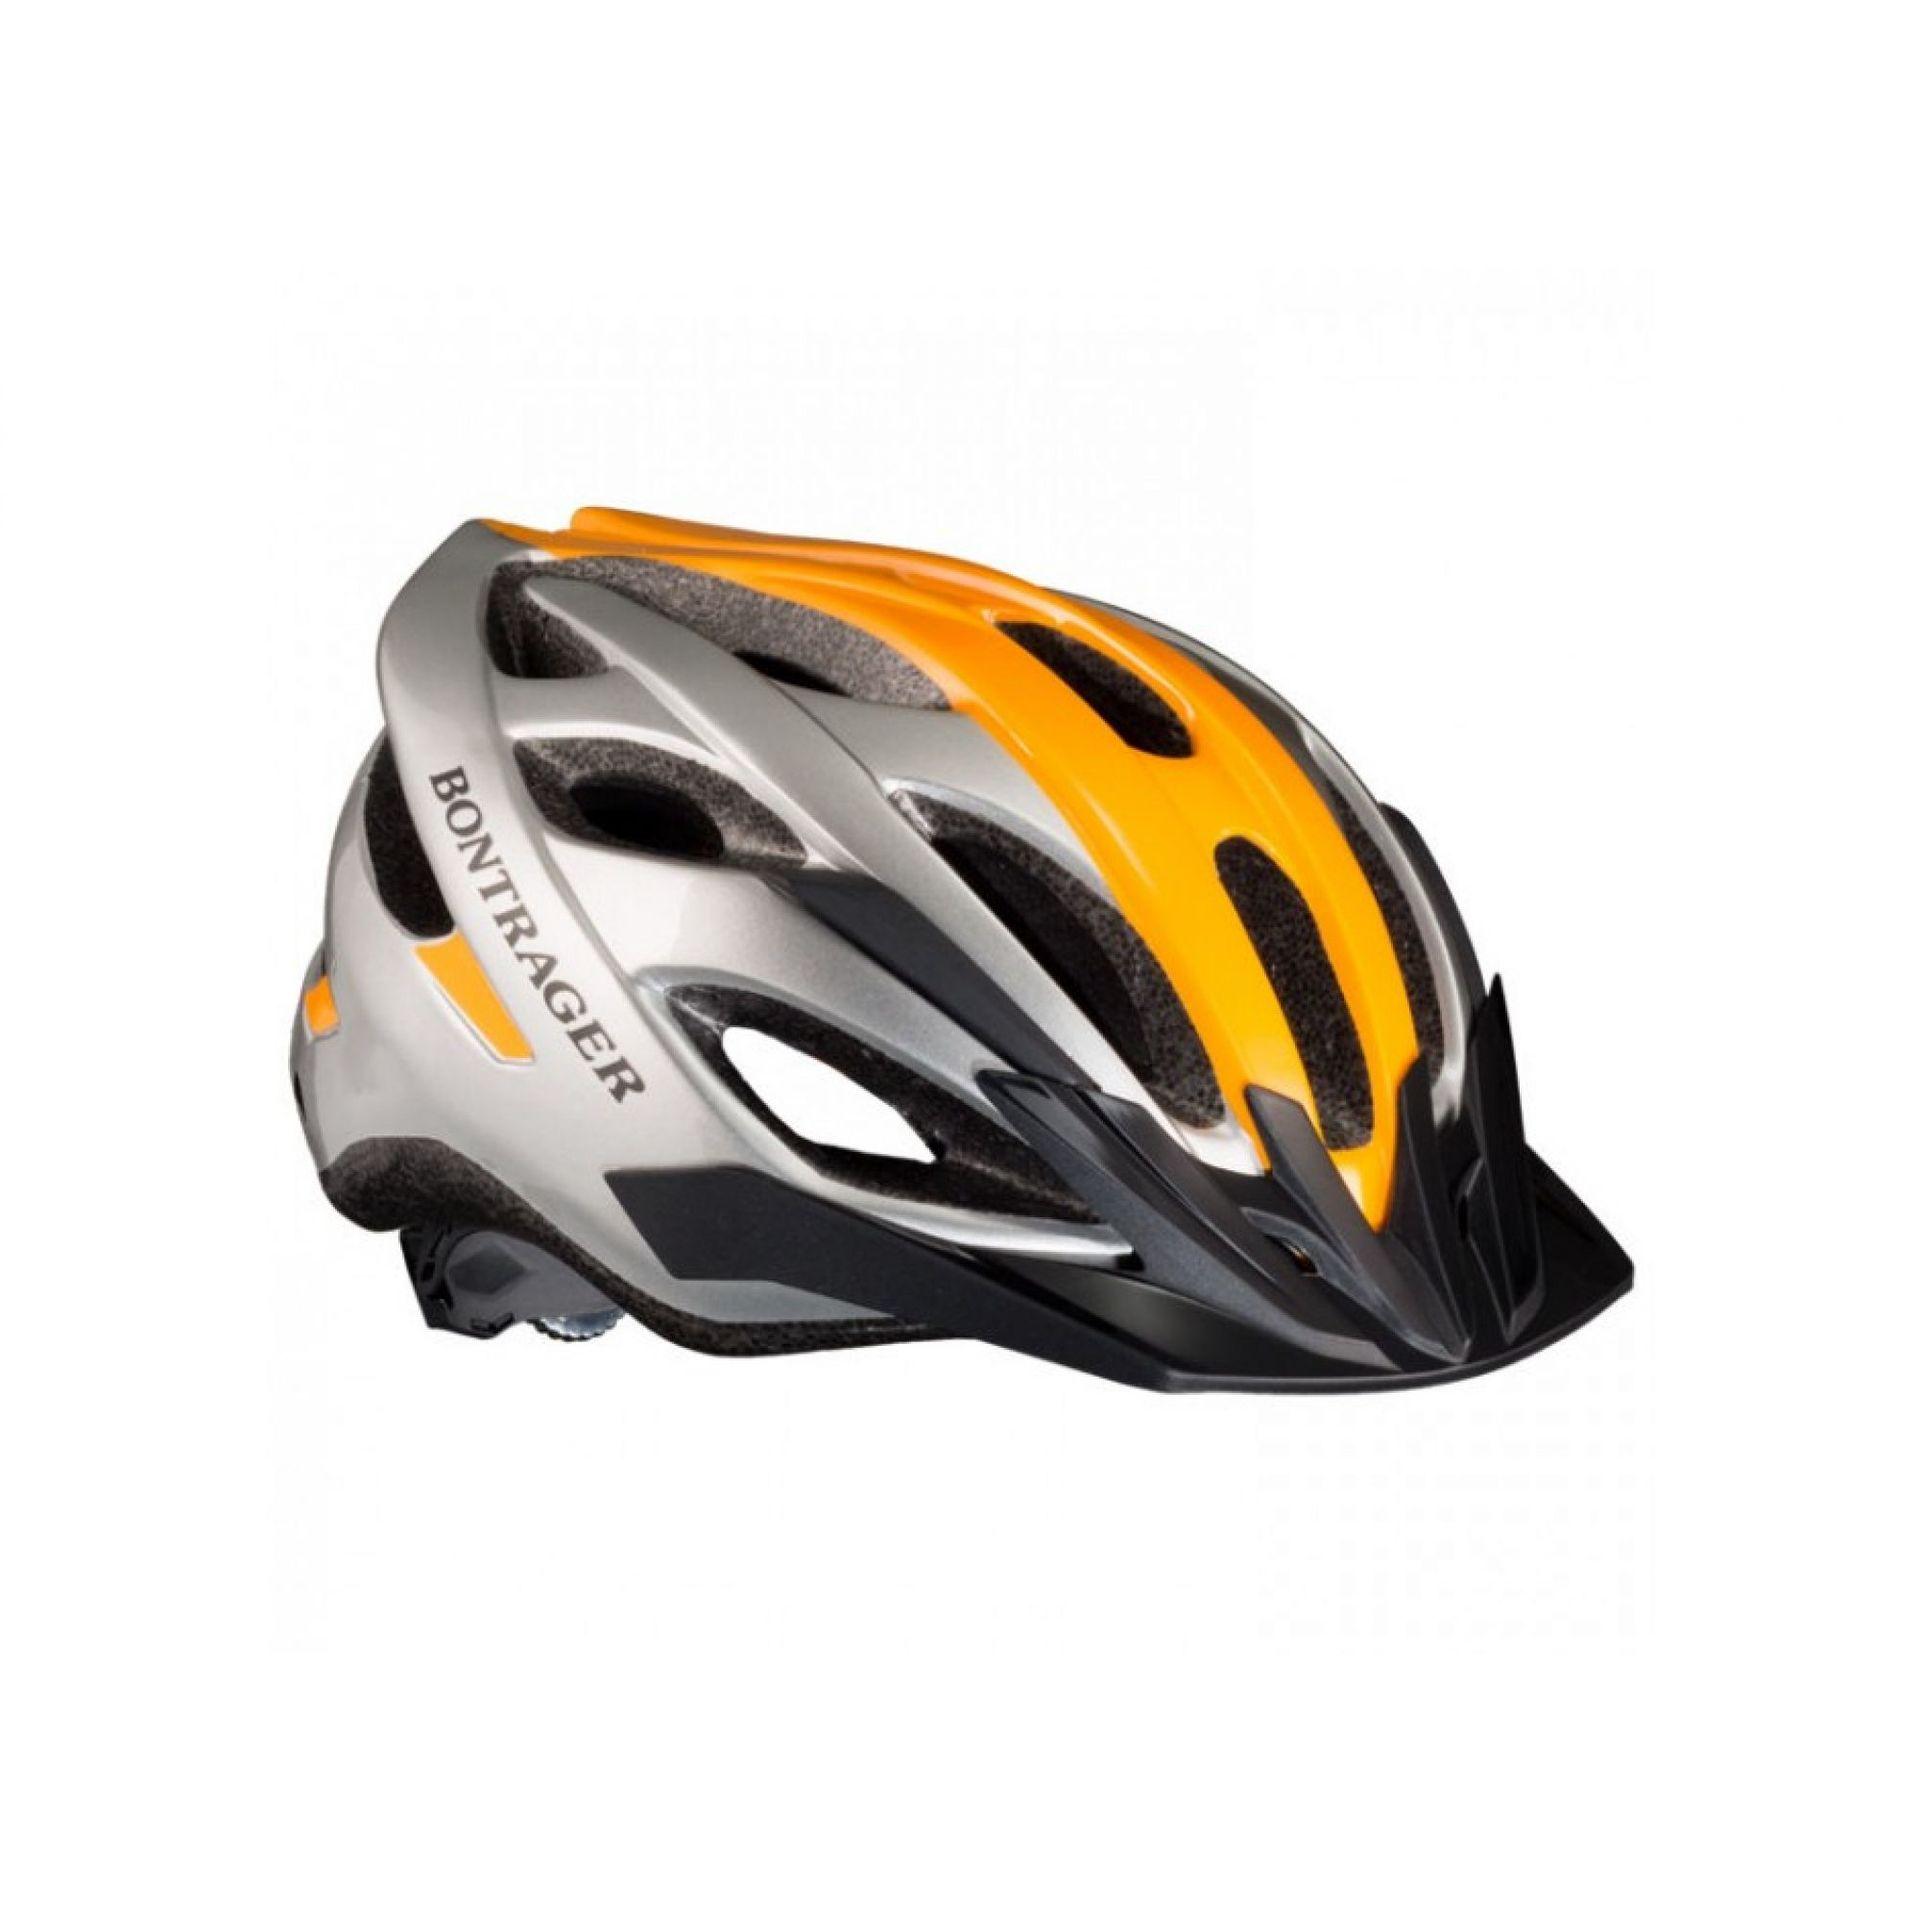 Kask rowerowy Bontrager Solstice srebrno pomarańczowy